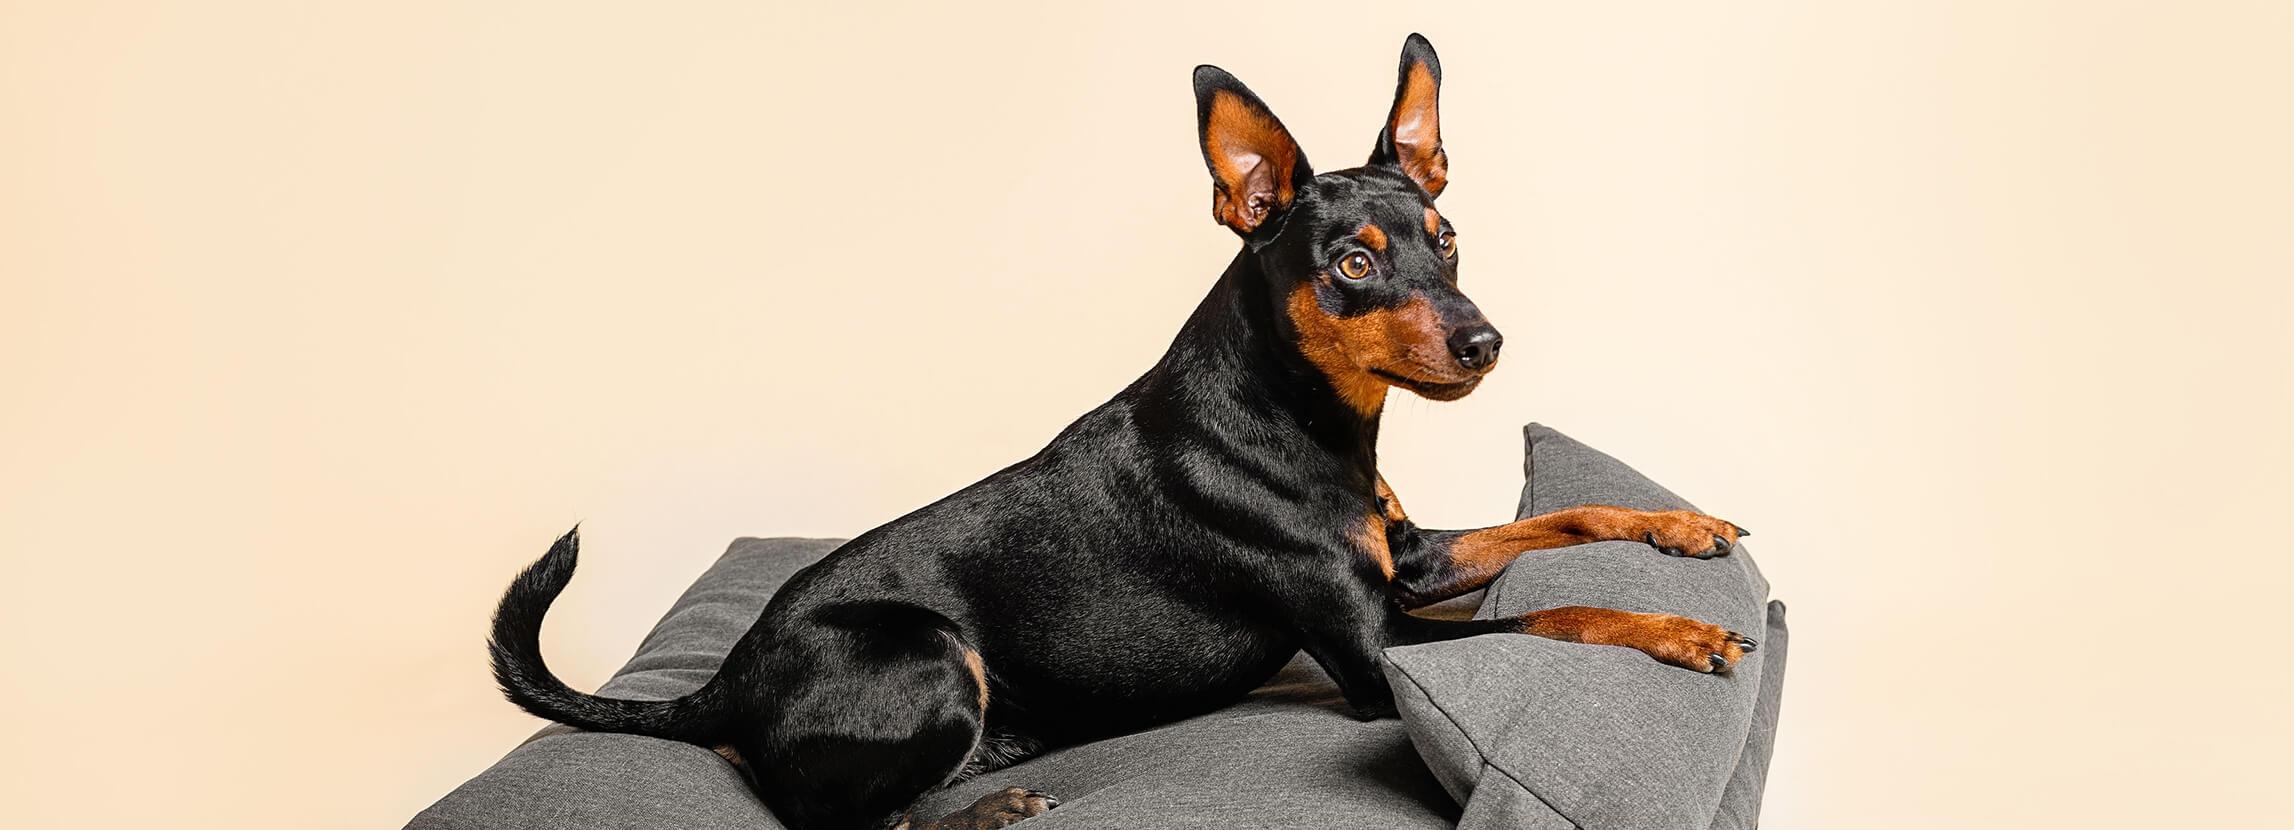 Jakie legowisko dla psa wybrać?